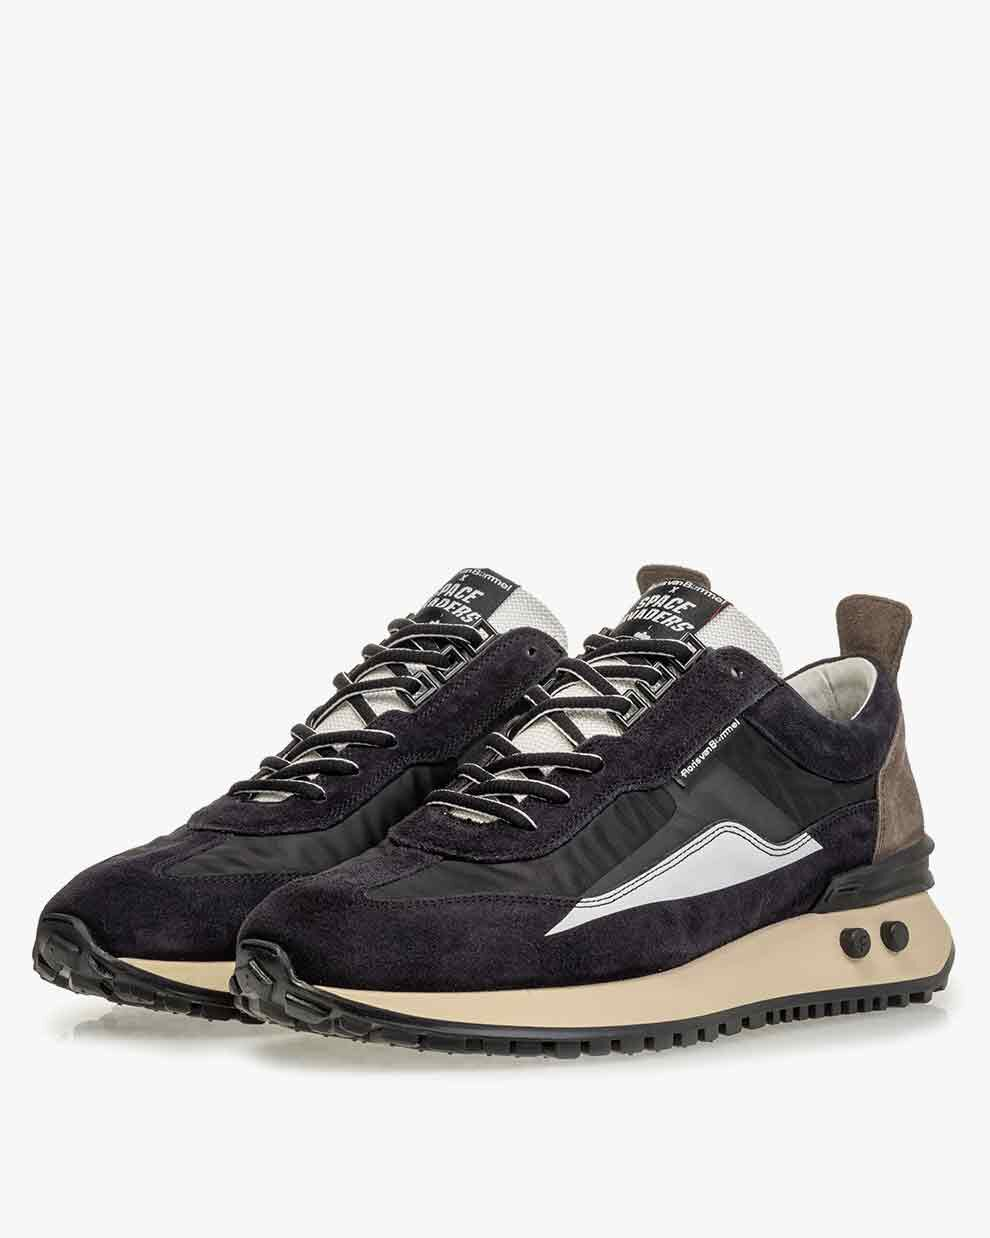 Sneaker space invaders black 16424/00   Floris van Bommel Official®